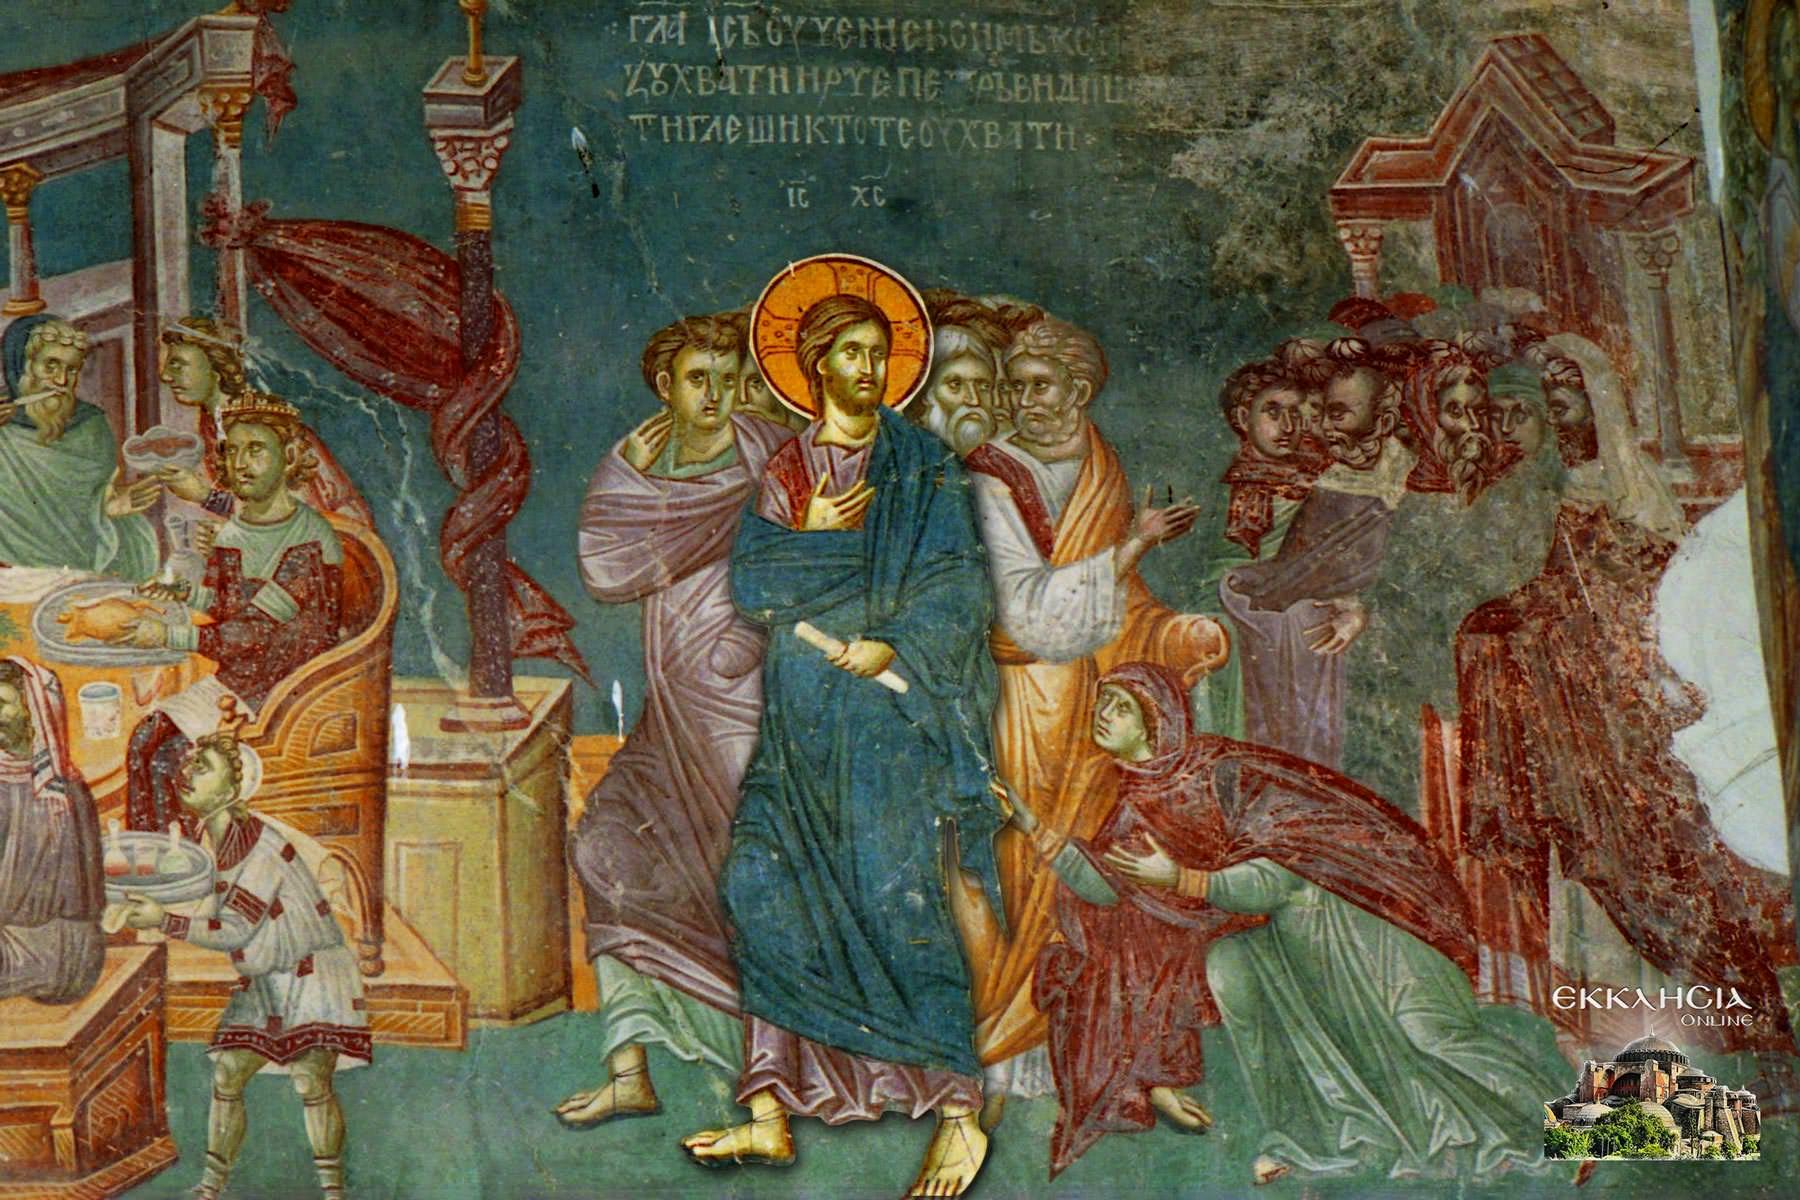 Κυριακή Ζ Λουκά Τοιχογραφία